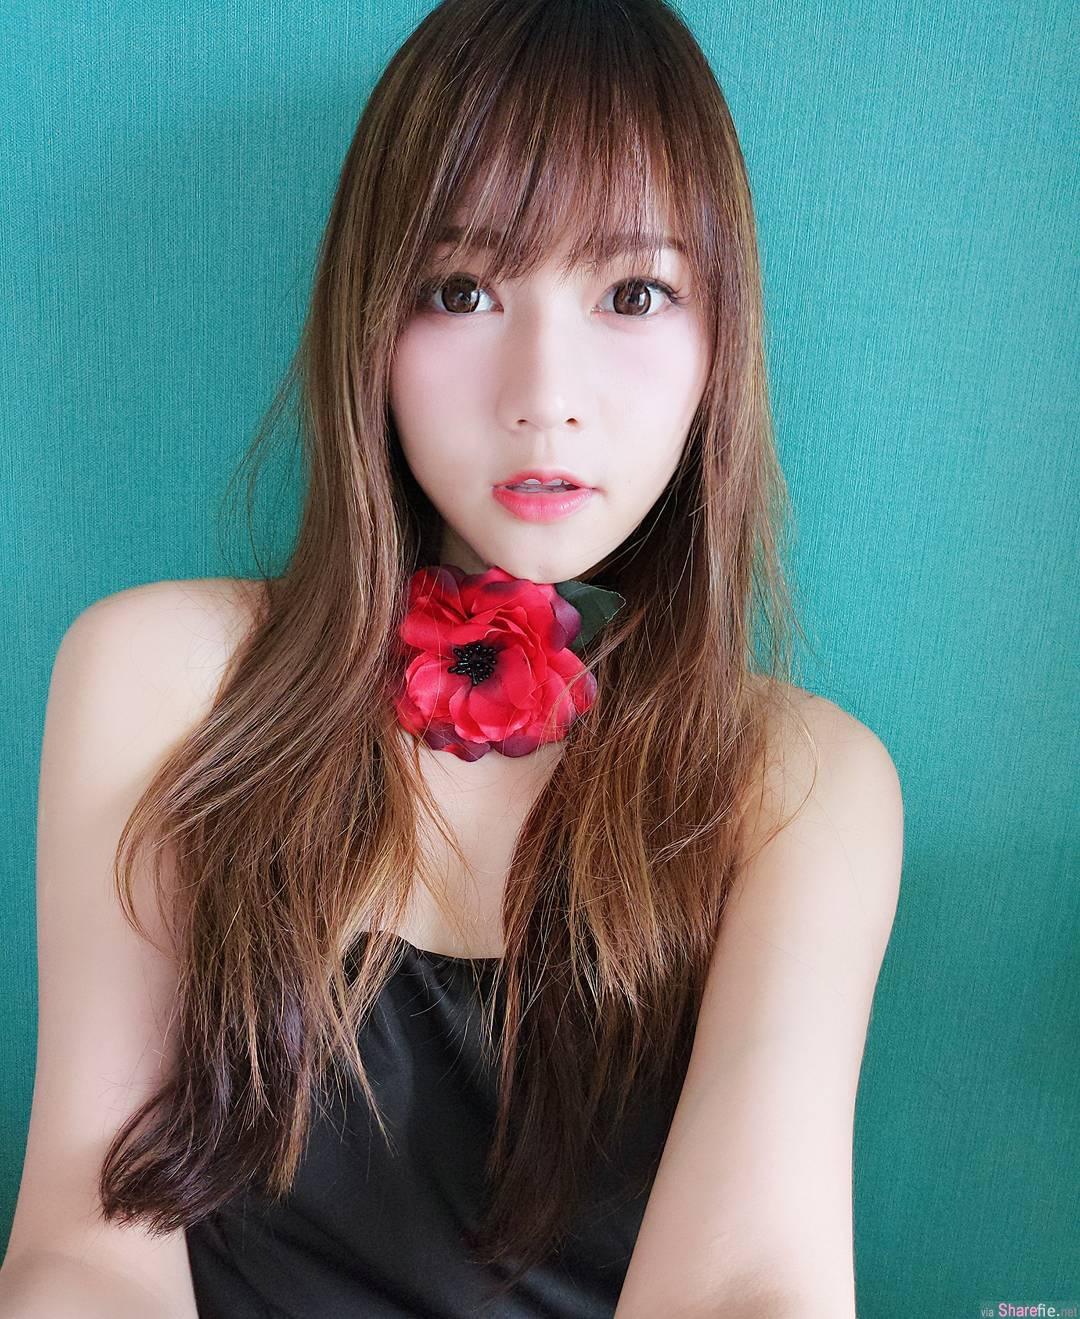 香港正妹设计师简帼仪,白皙甜美比基尼大秀完美身材